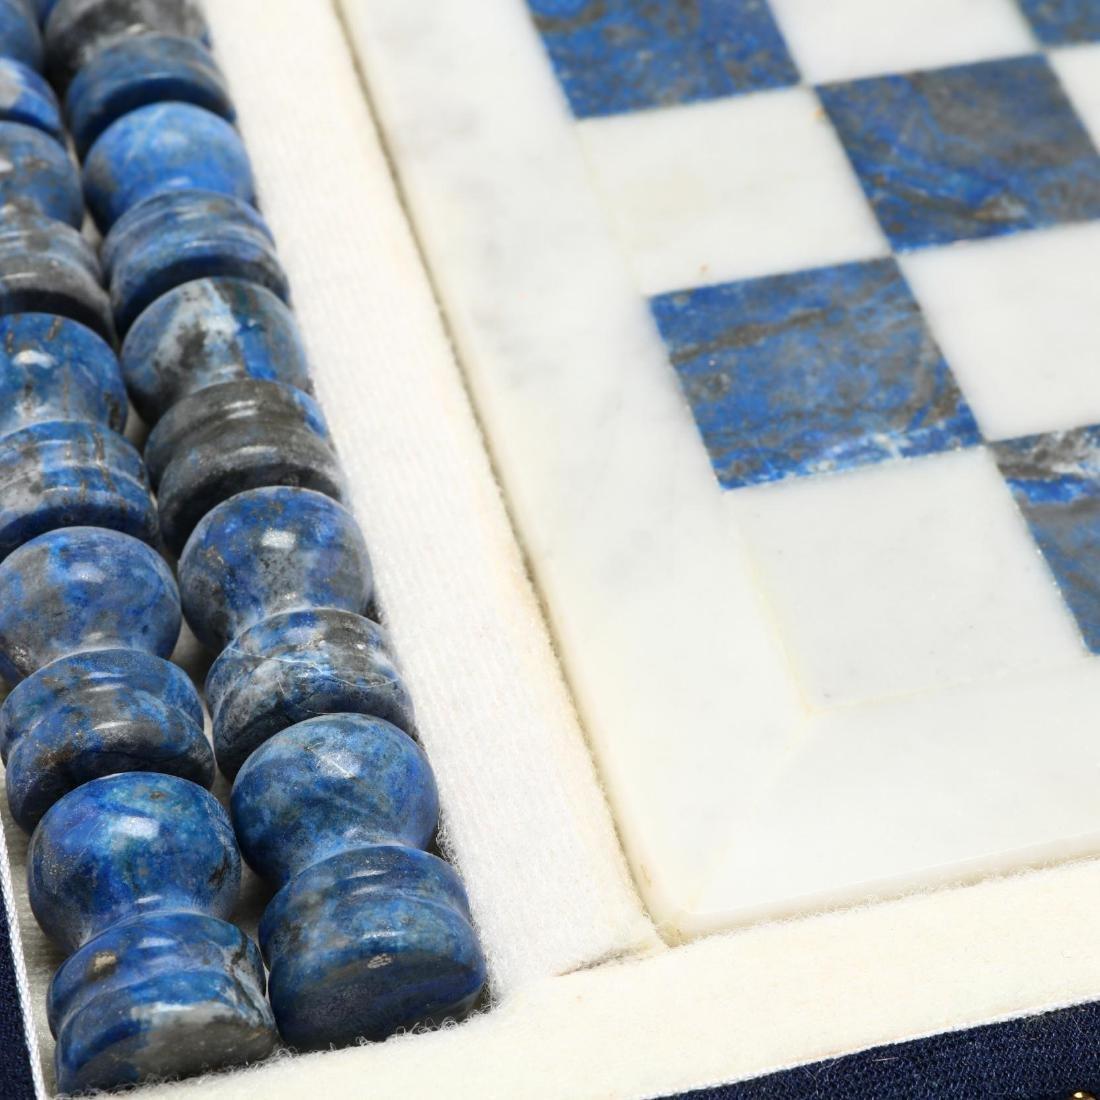 Lapis Lazuli and White Marble Chess Set, Morita Gil - 3